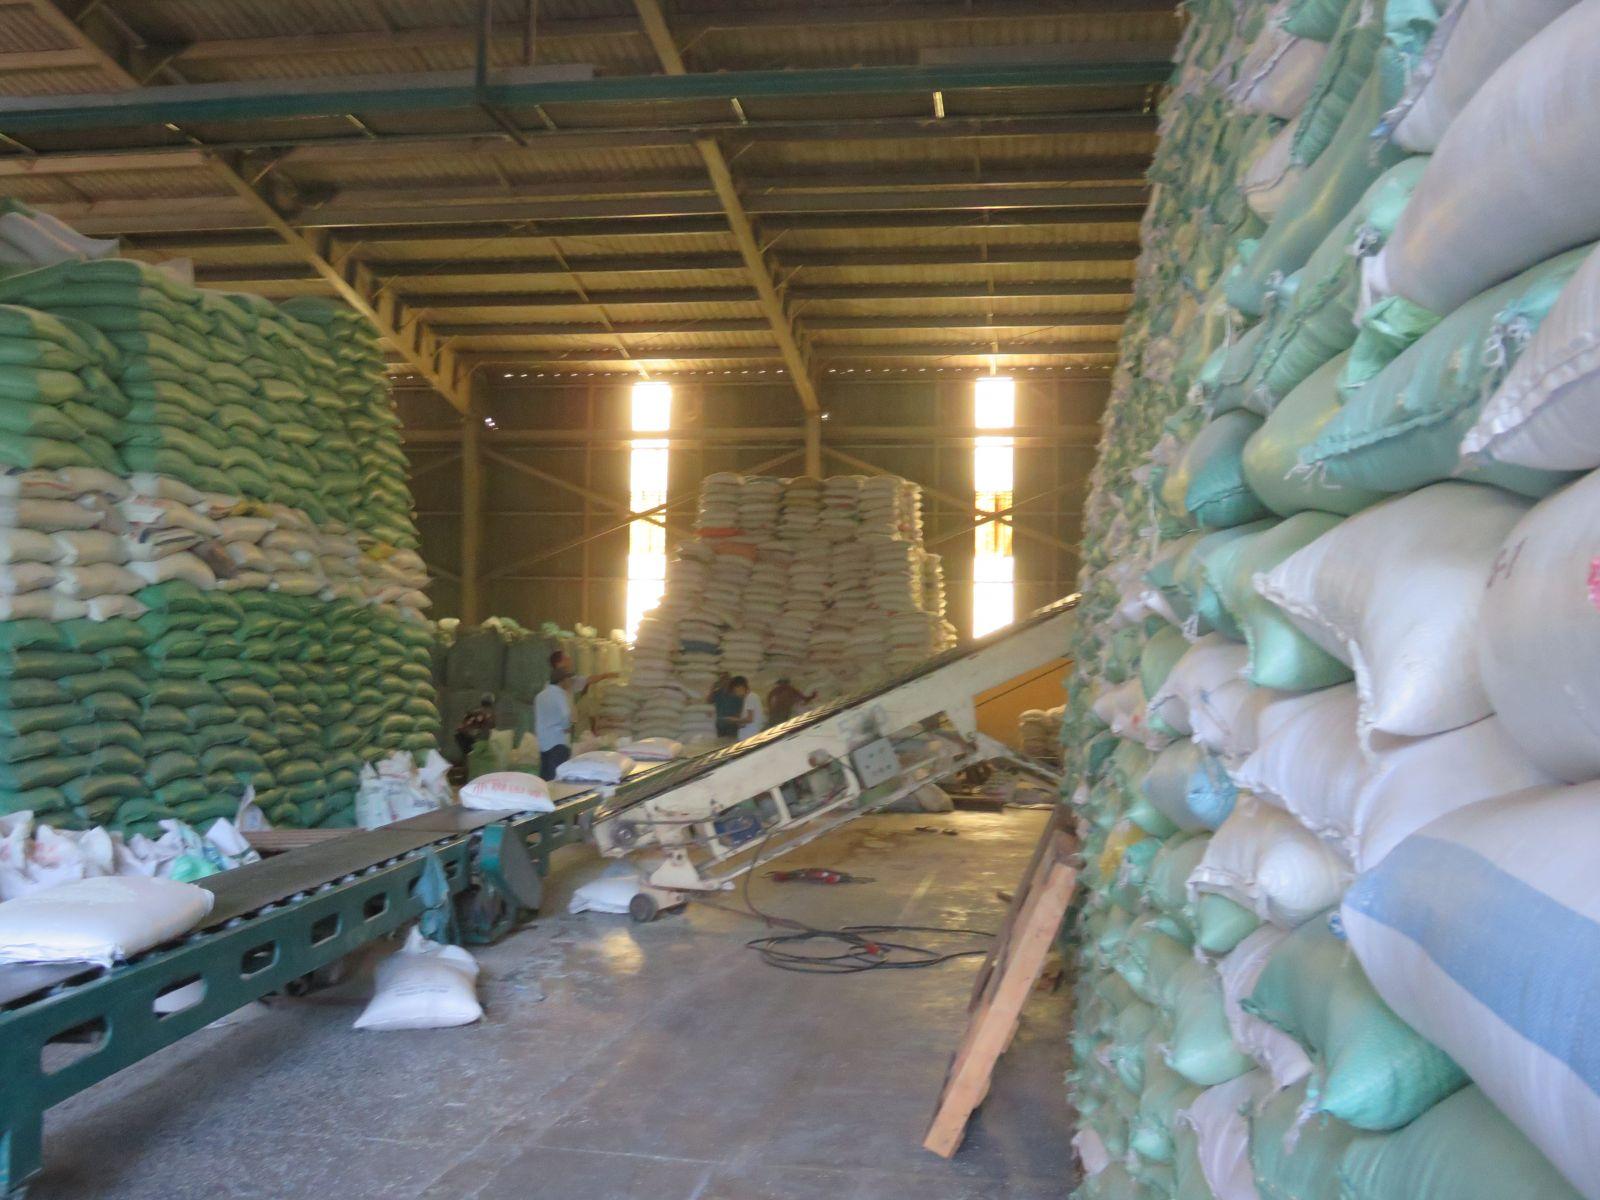 Hiện nay giá xuất khẩu gạo đang ở mức cao